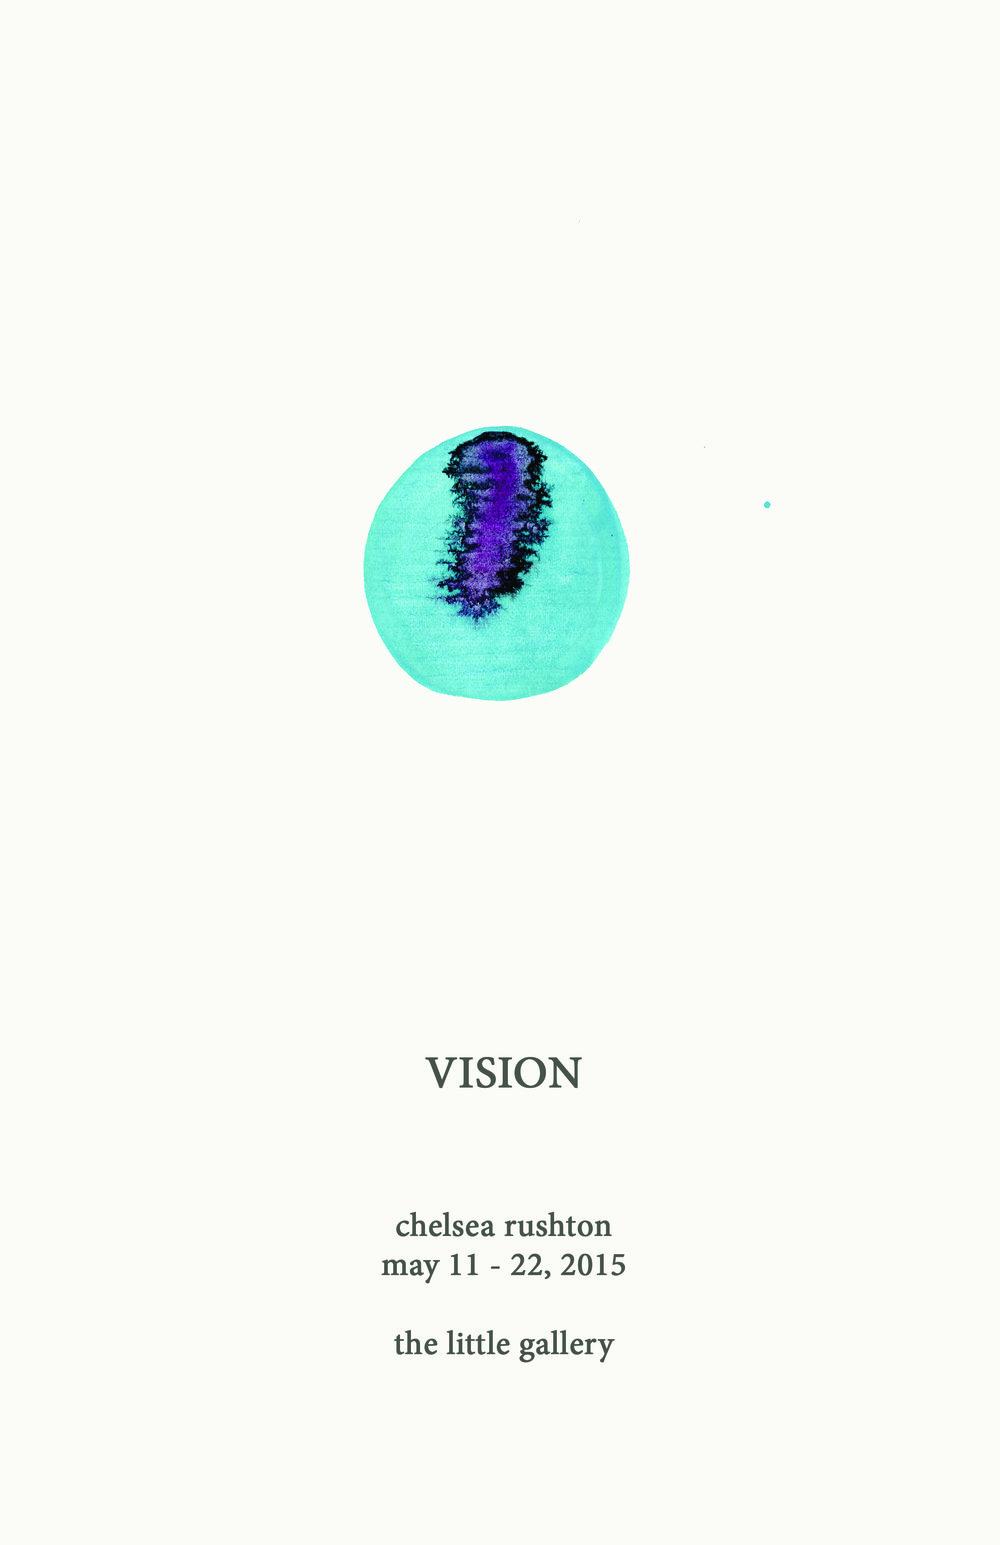 vision poster.jpg